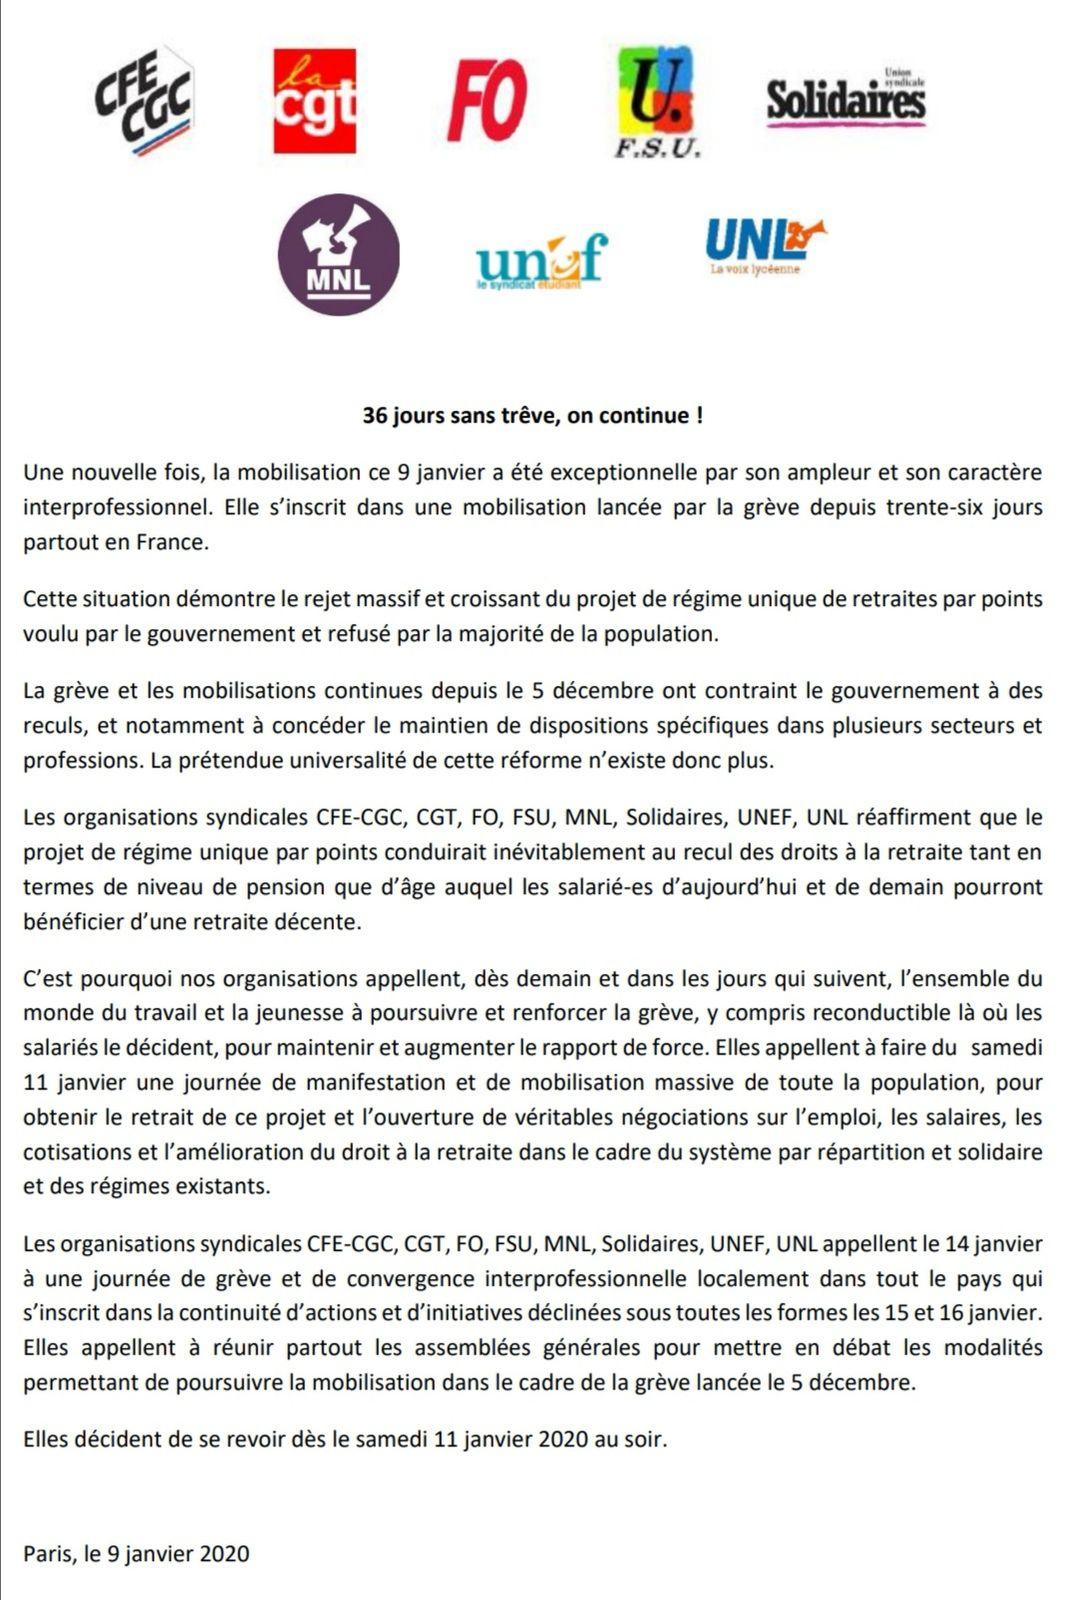 RETRAITE : on poursuit le mouvement #onlâcherien #tousensembledanslalutte